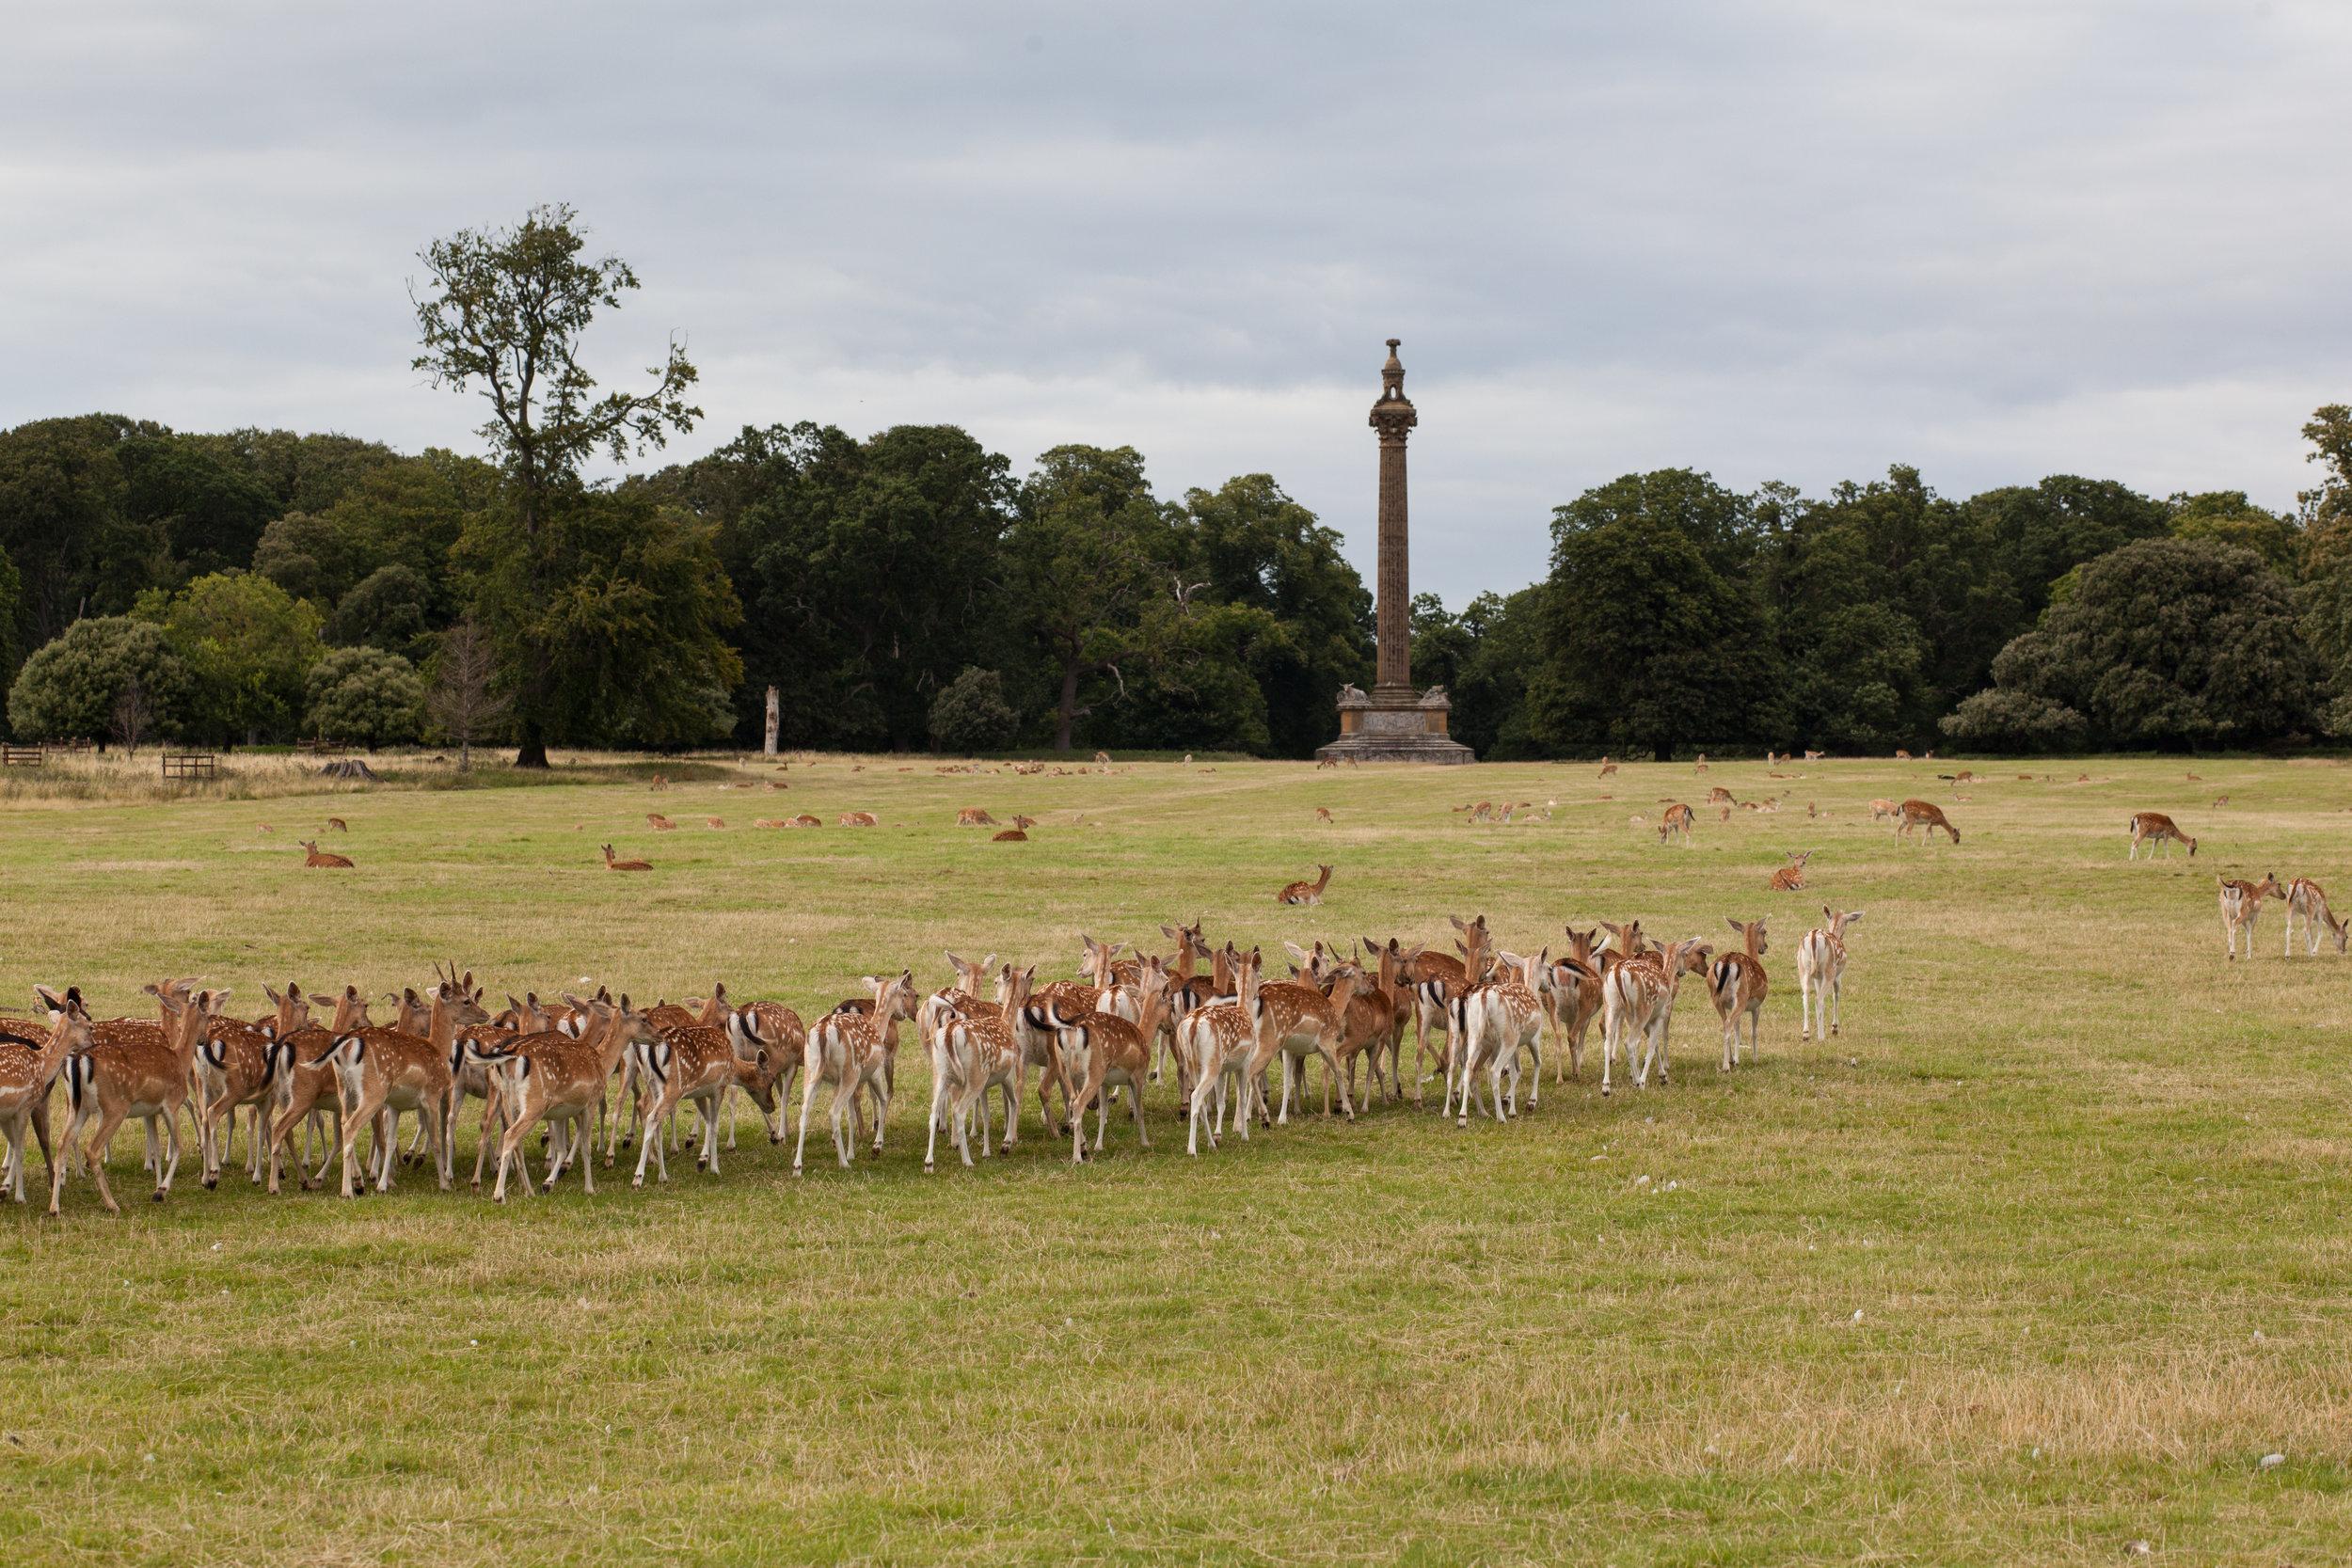 Deer in a field in England.